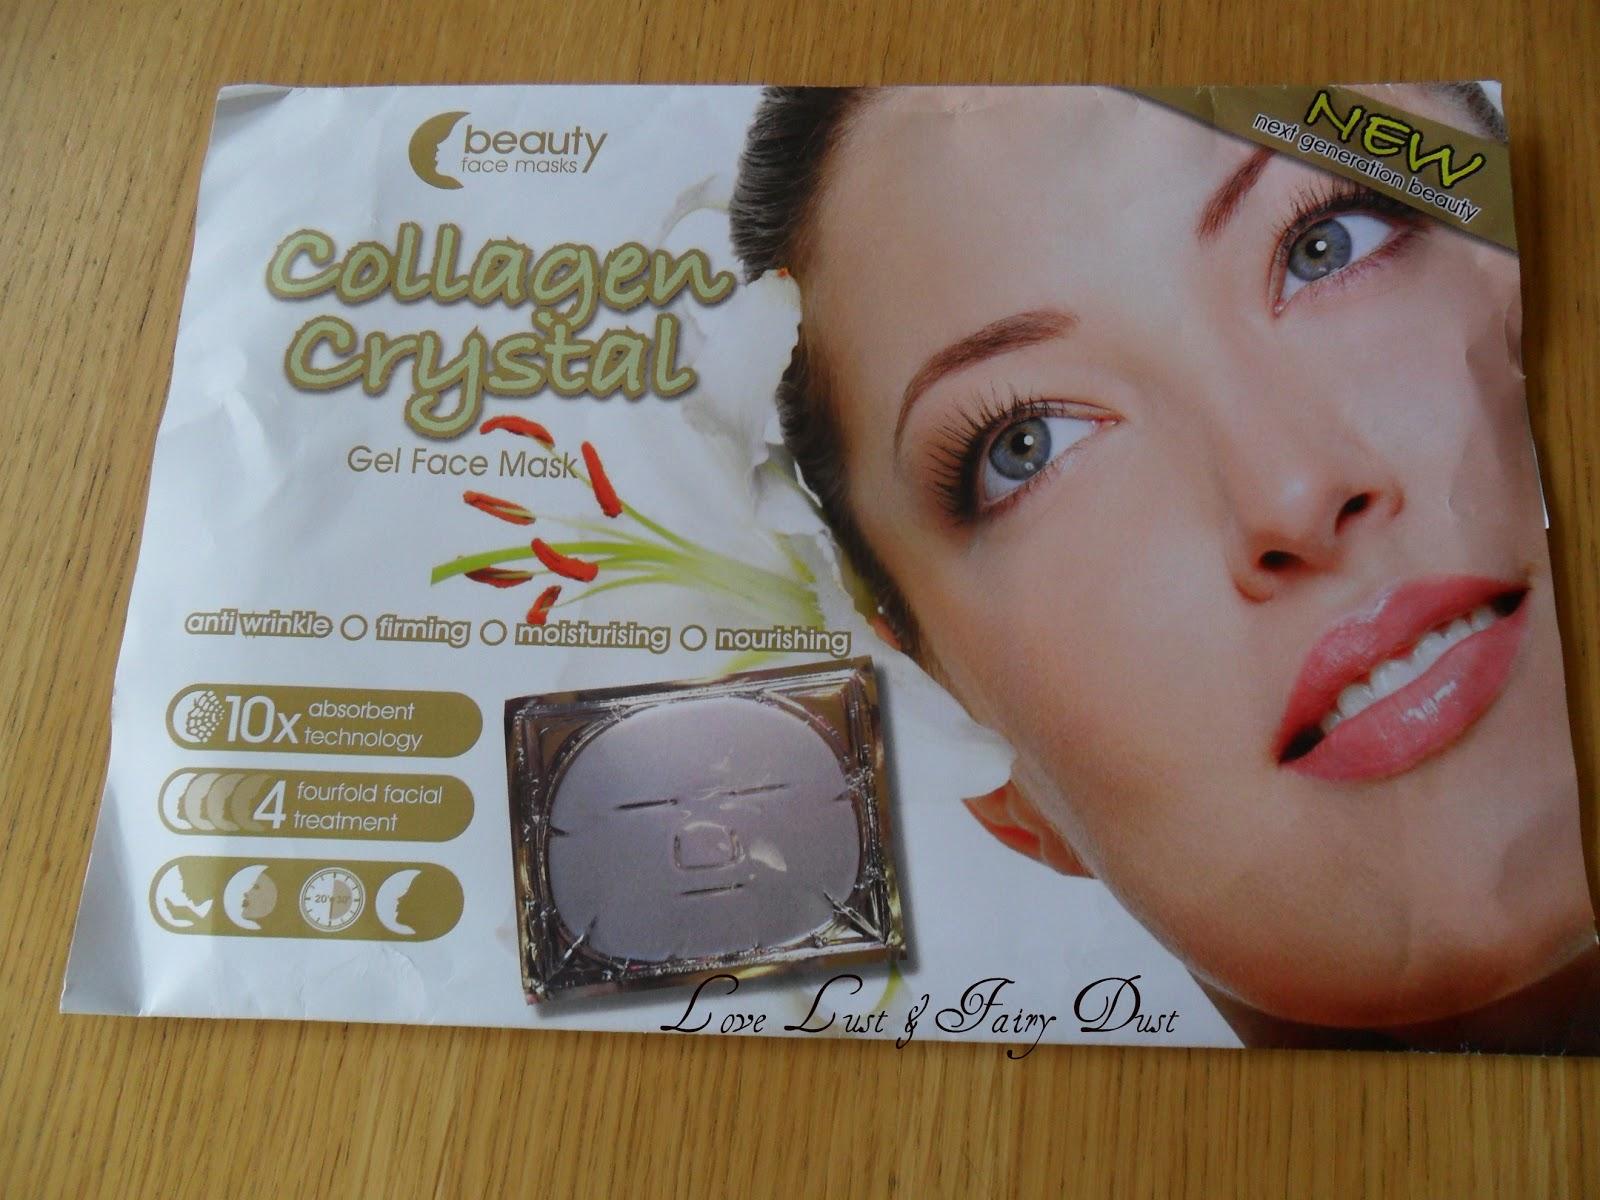 Collagen Crystal Gel Face Mask